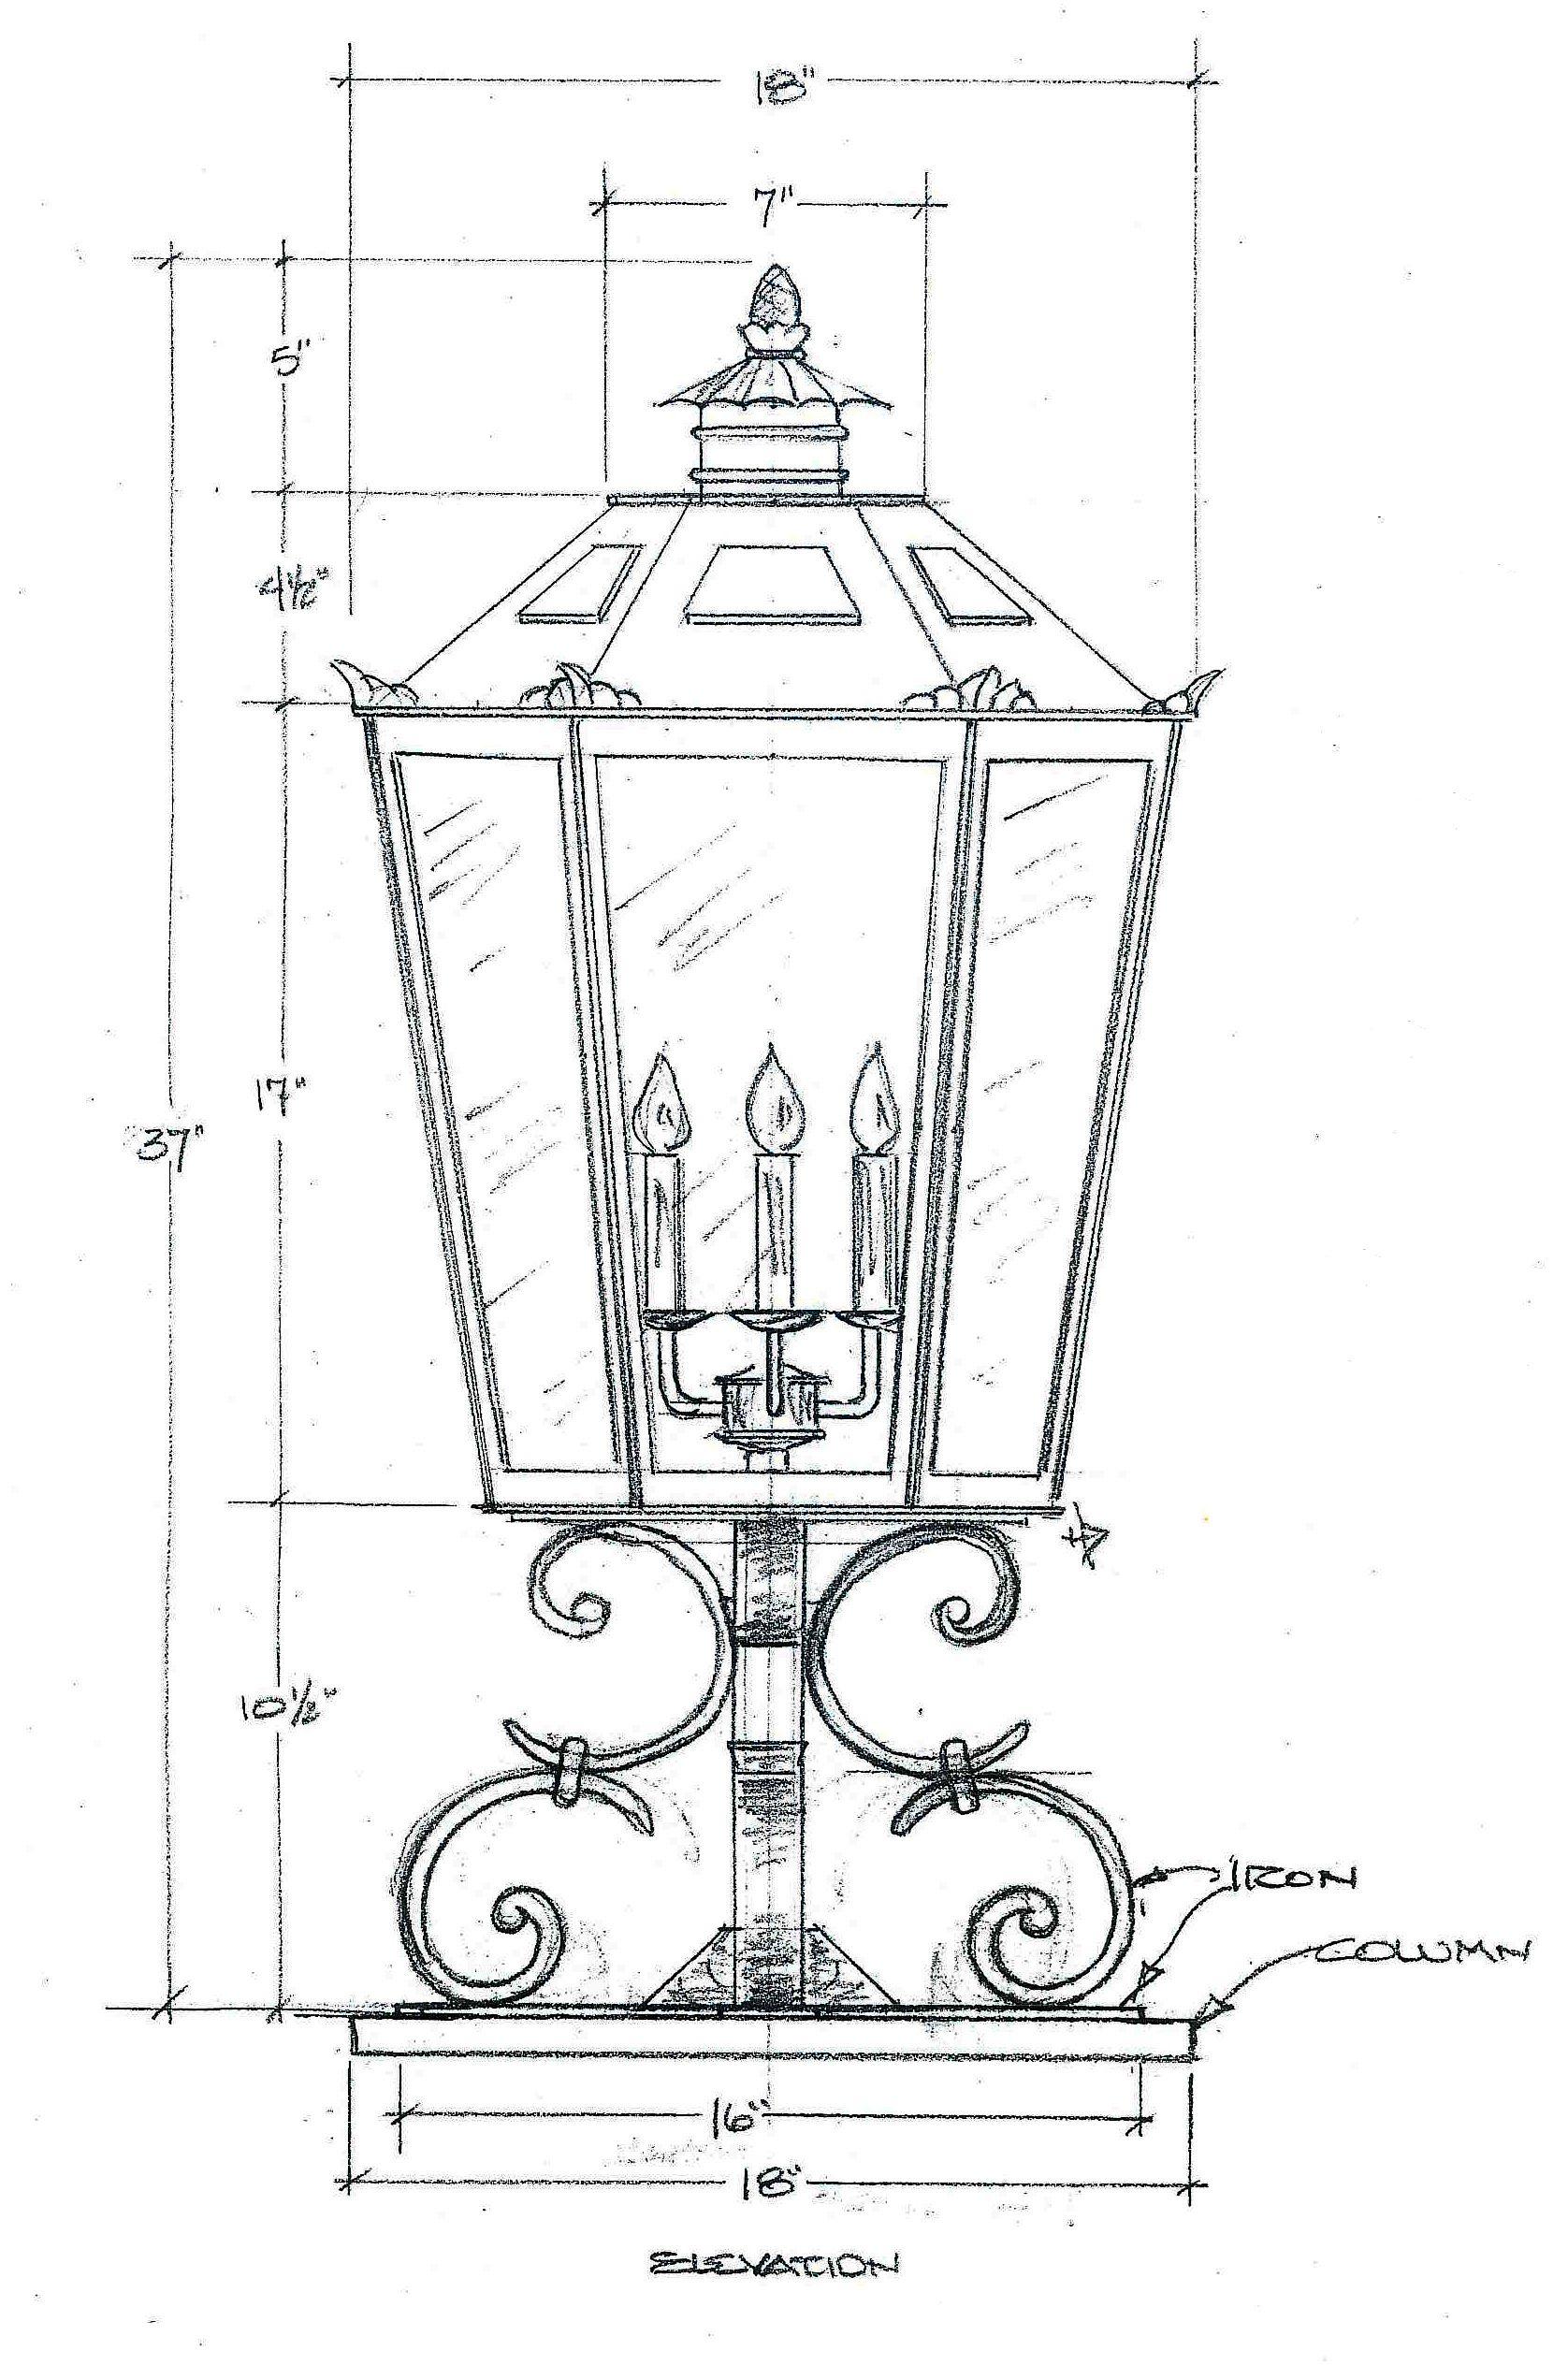 Custom exterior post head fixture drawing